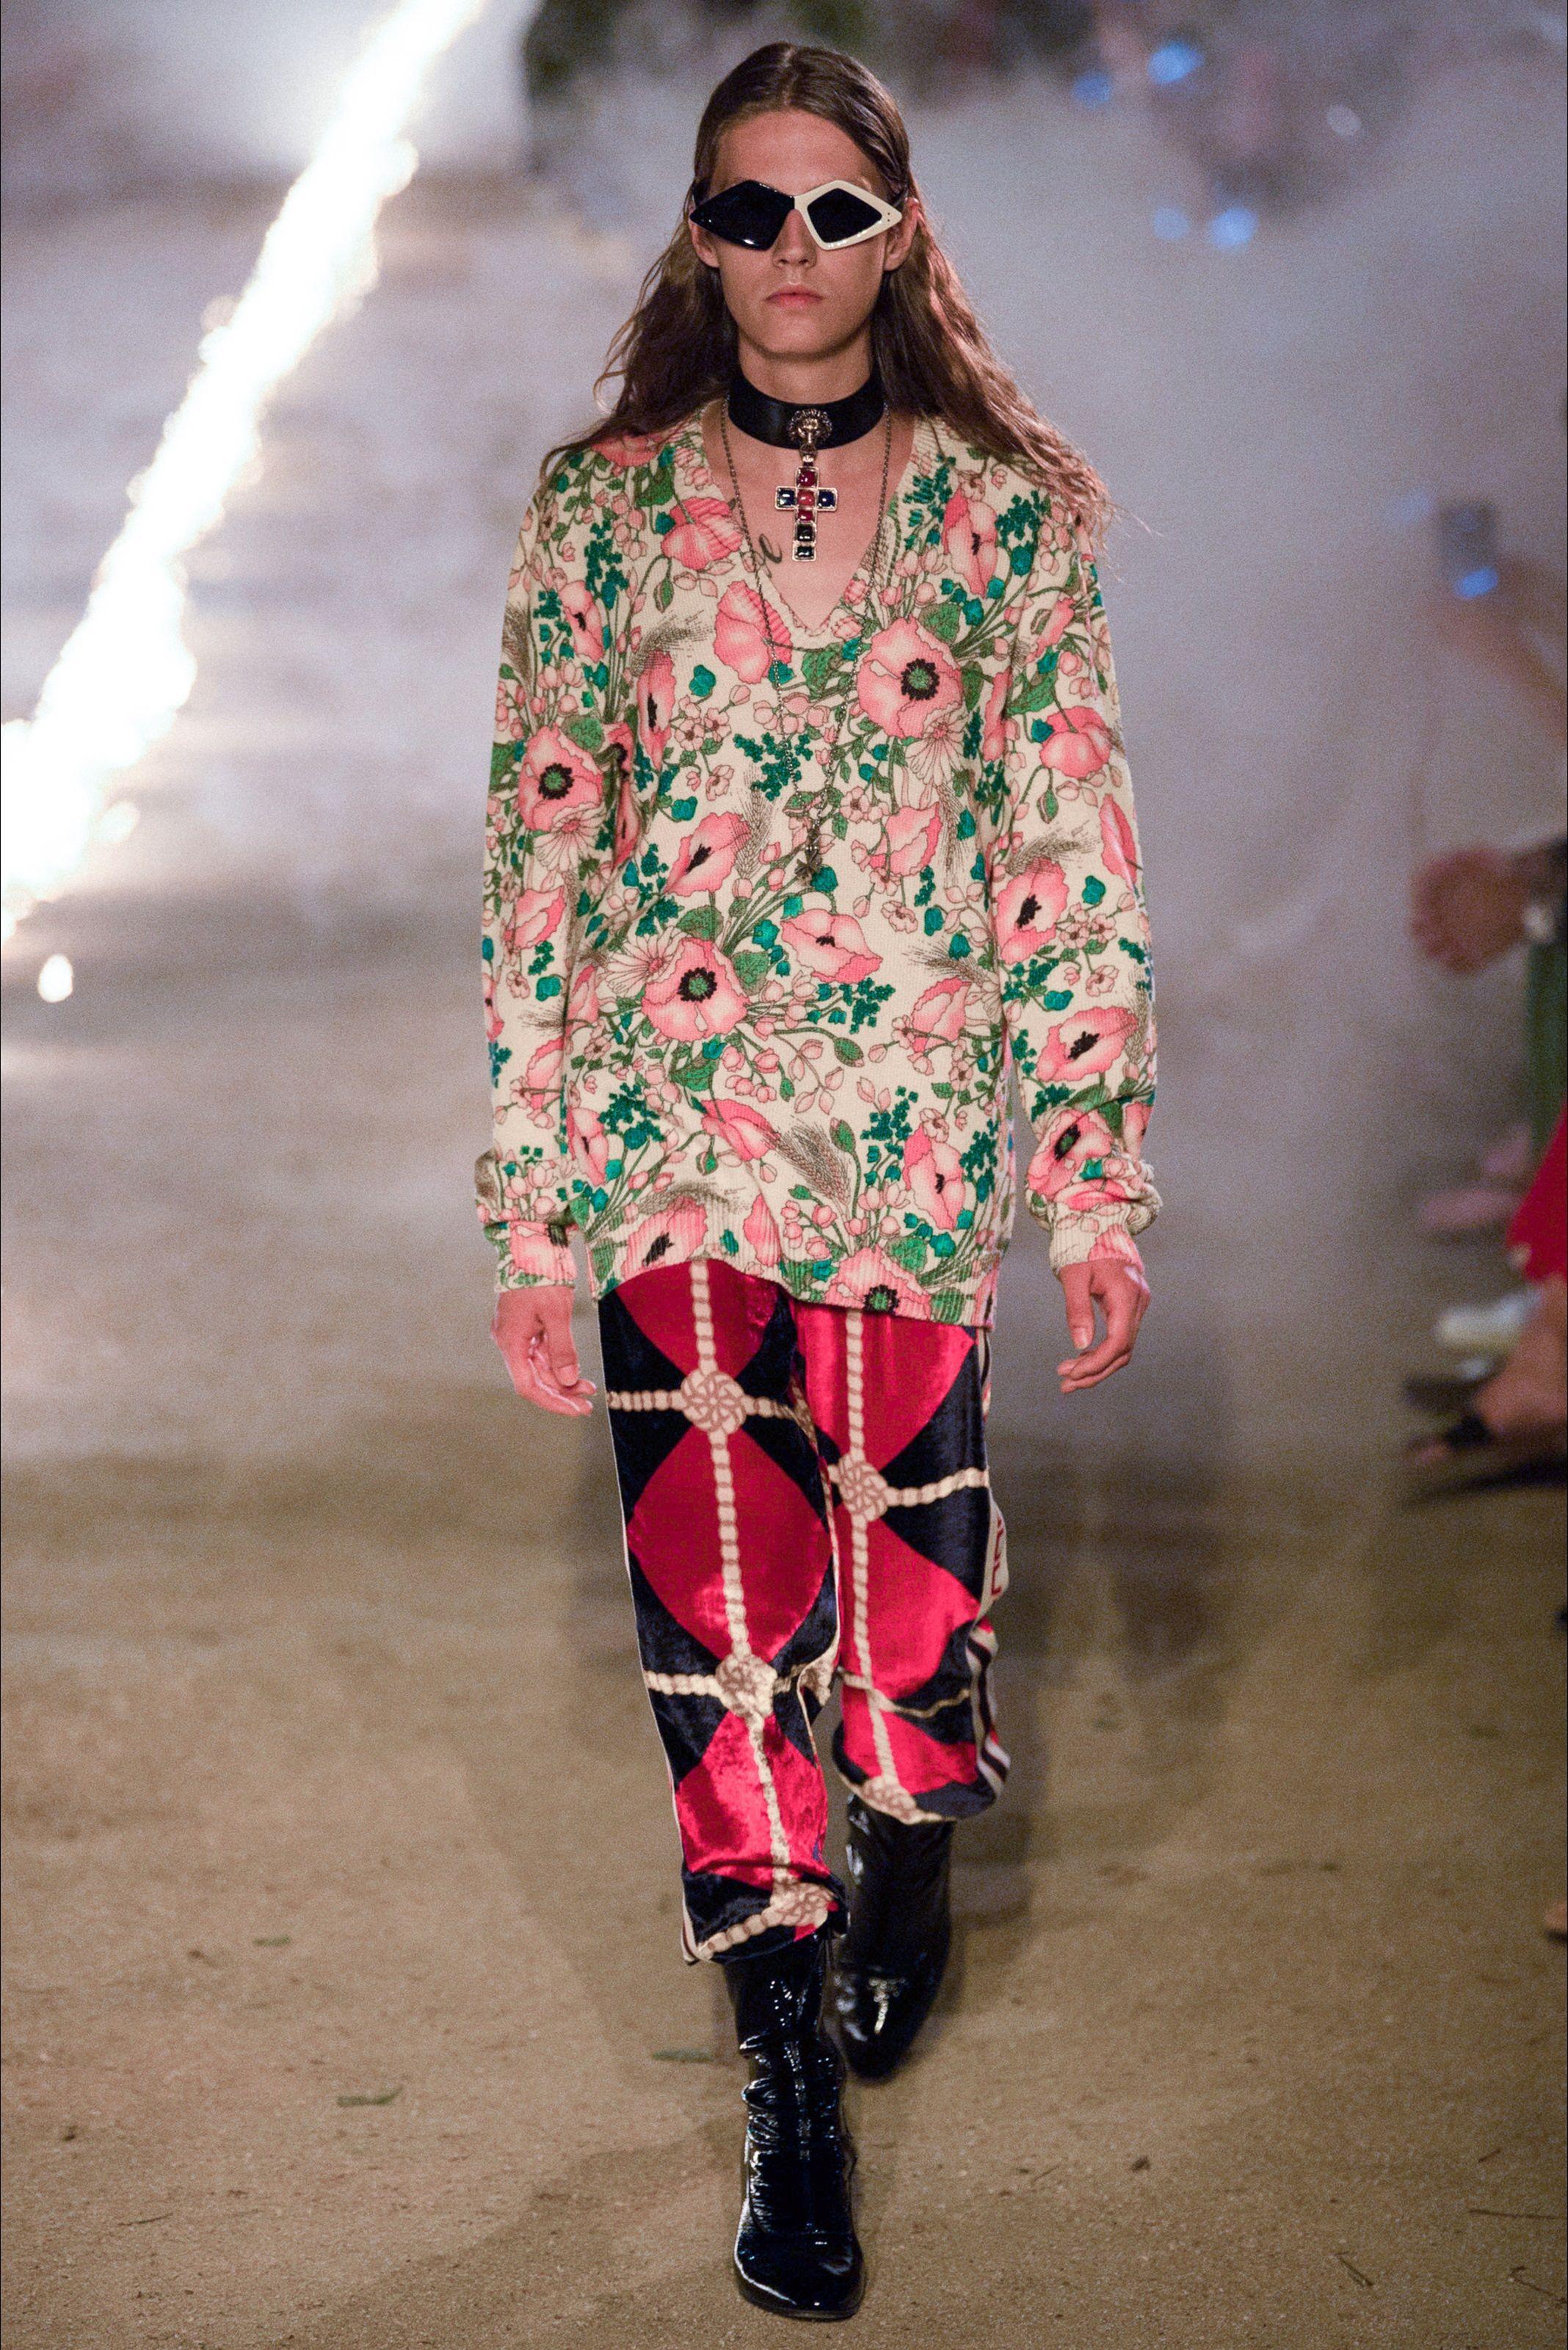 Sfilata Gucci Arles - Pre-collezioni Primavera Estate 2019 - Vogue Trincea 01805109083